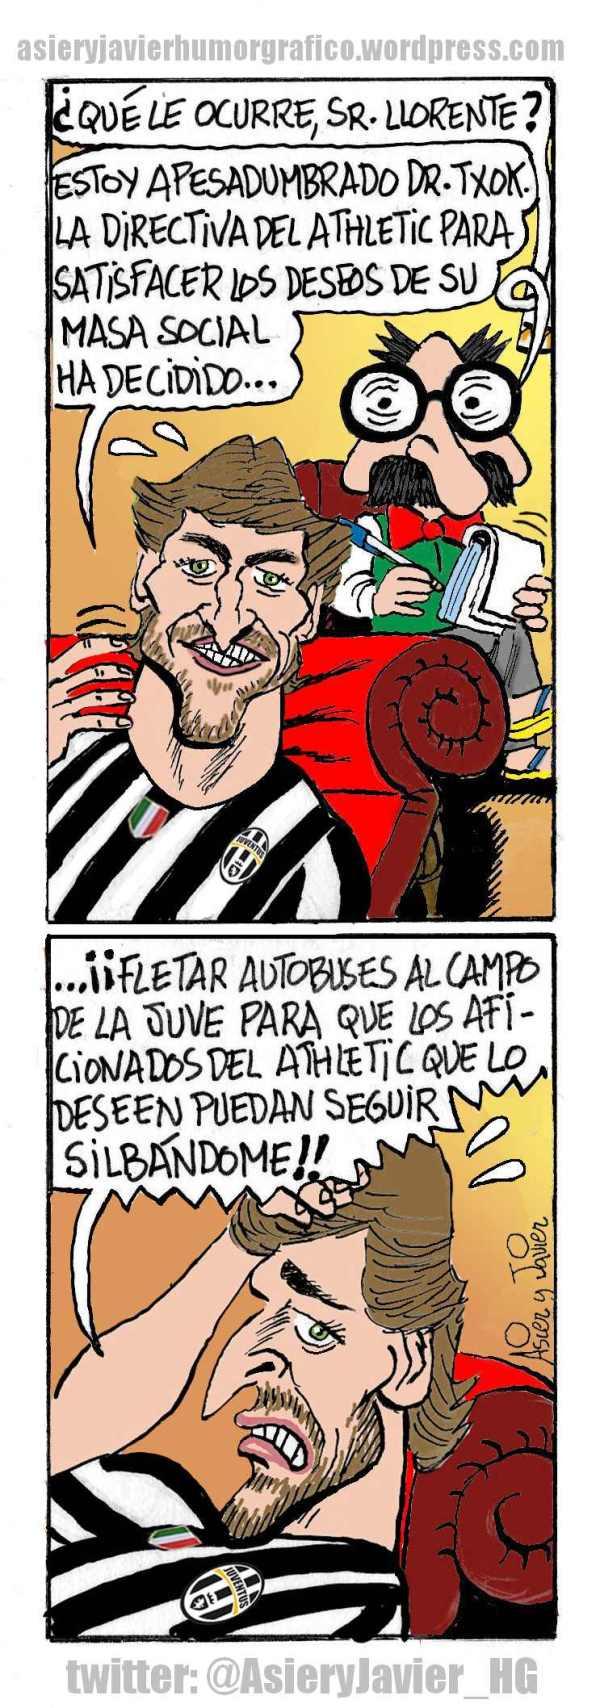 Fernando Llorente, delantero de la Juventus de Turín, consulta al doctor Txok sobre el Athletic de Bilbao. Humor, Asier y Javier.